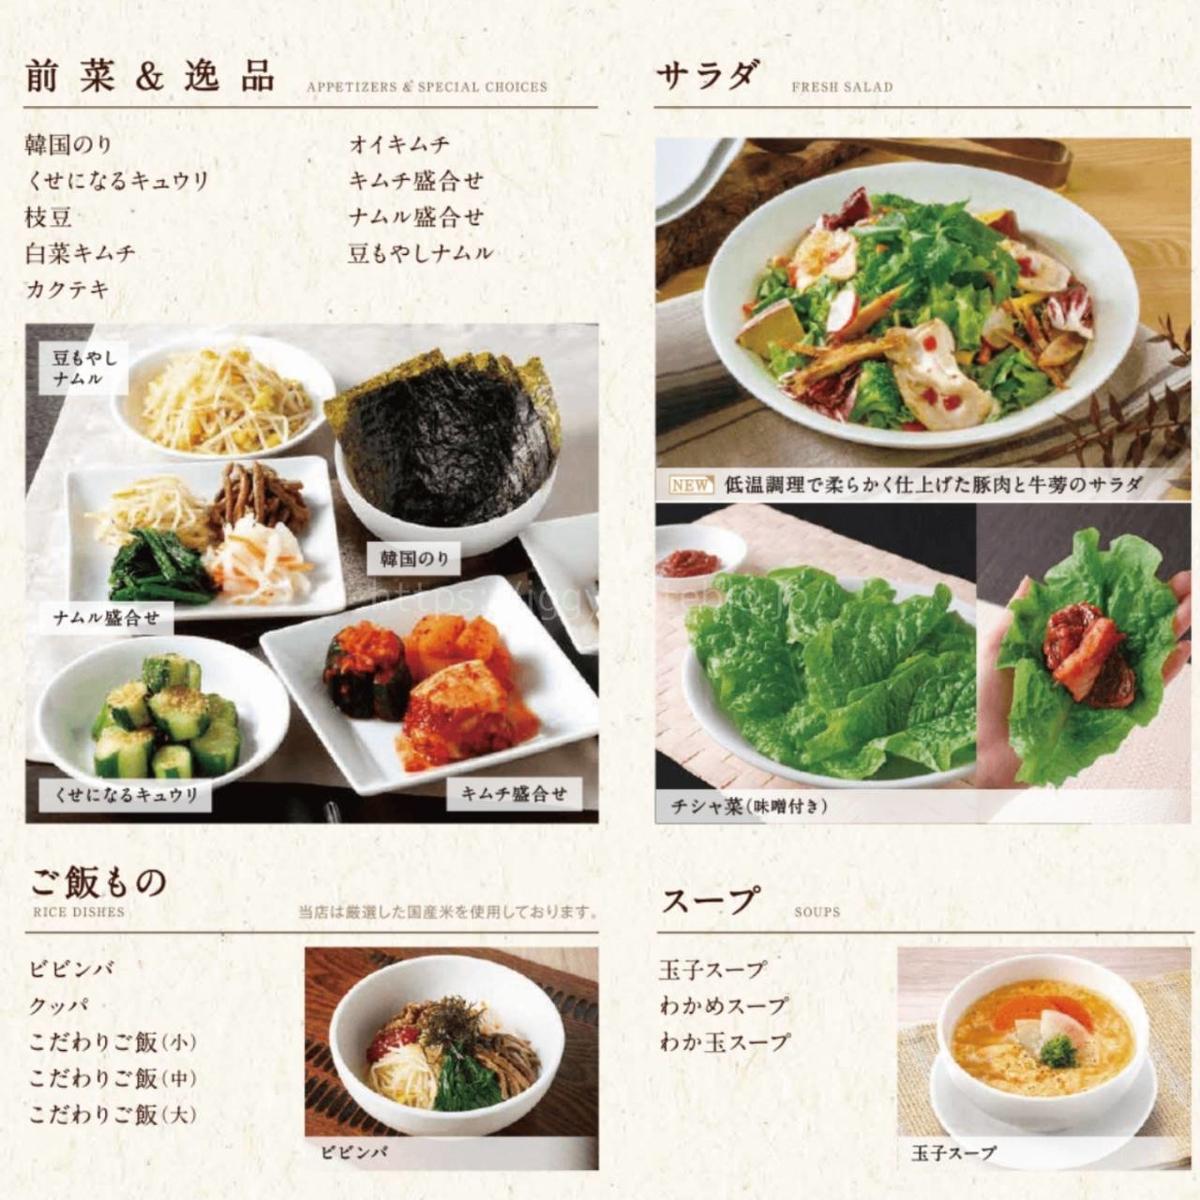 【ワンカルビ】ランチメニュー!38品食べ放題コース(2580円)サイドメニュー